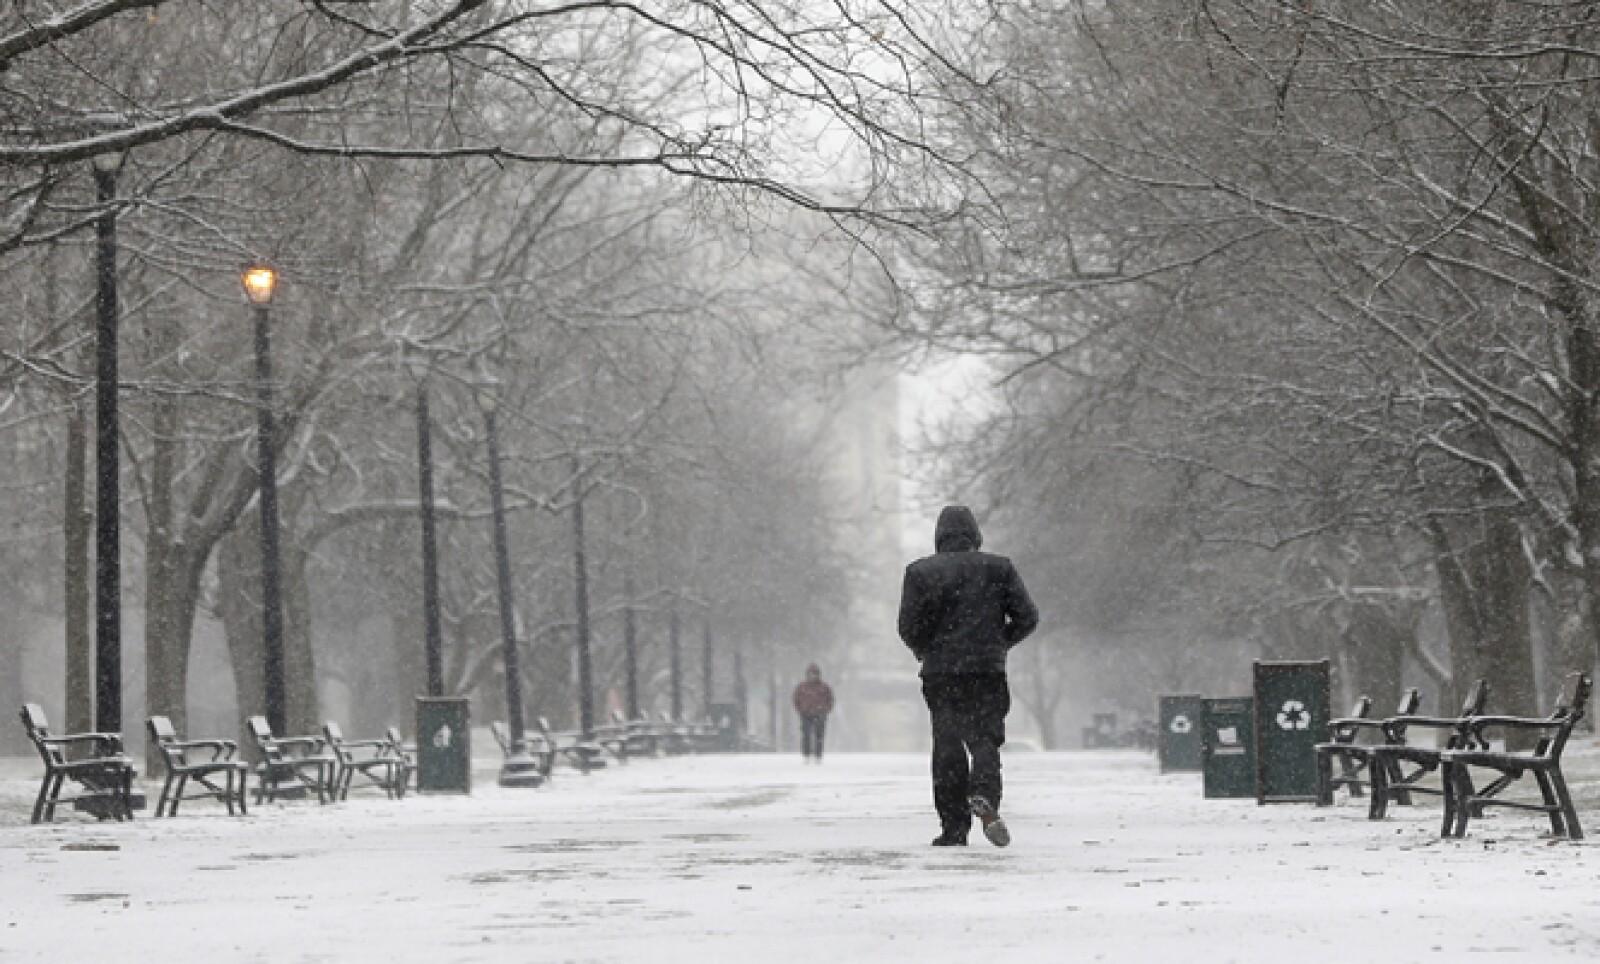 Autoridades estadounidenses han clausurado varias vías debido a la cantidad de nieve. Un hombre camina en un parque de Albany, Nueva York.